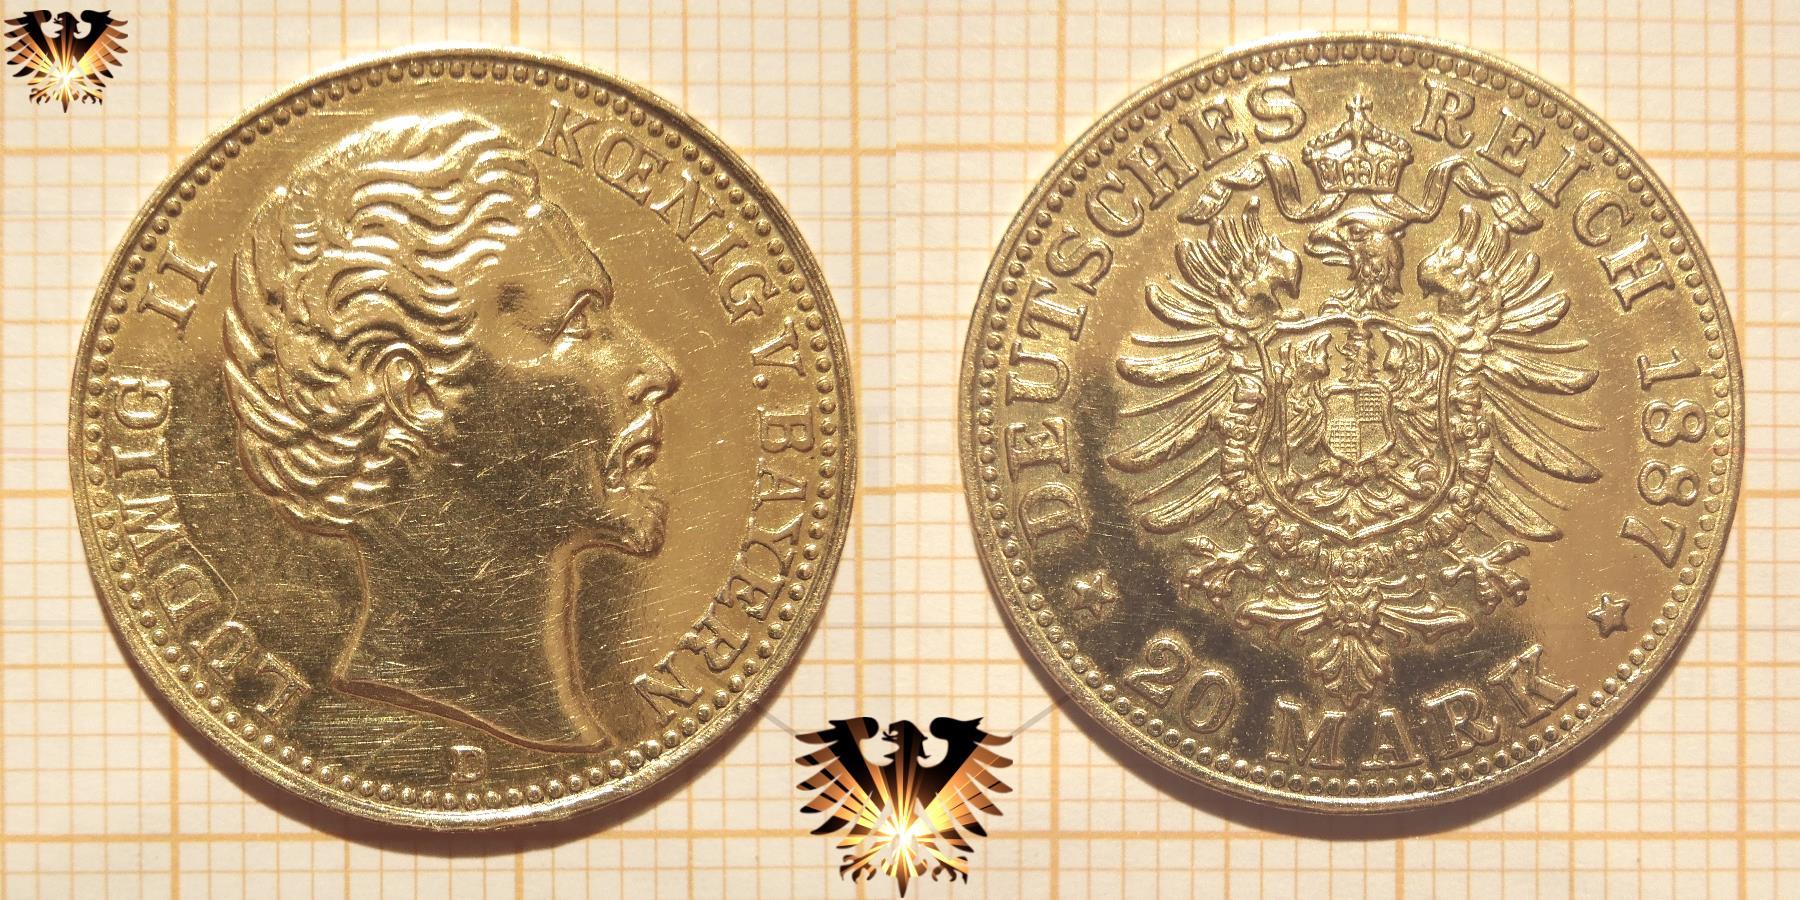 Fälschung einer Reichsmark Goldmünze; Bayern 20 Mark 1887 D, König Ludwig II, Deutsches Reich